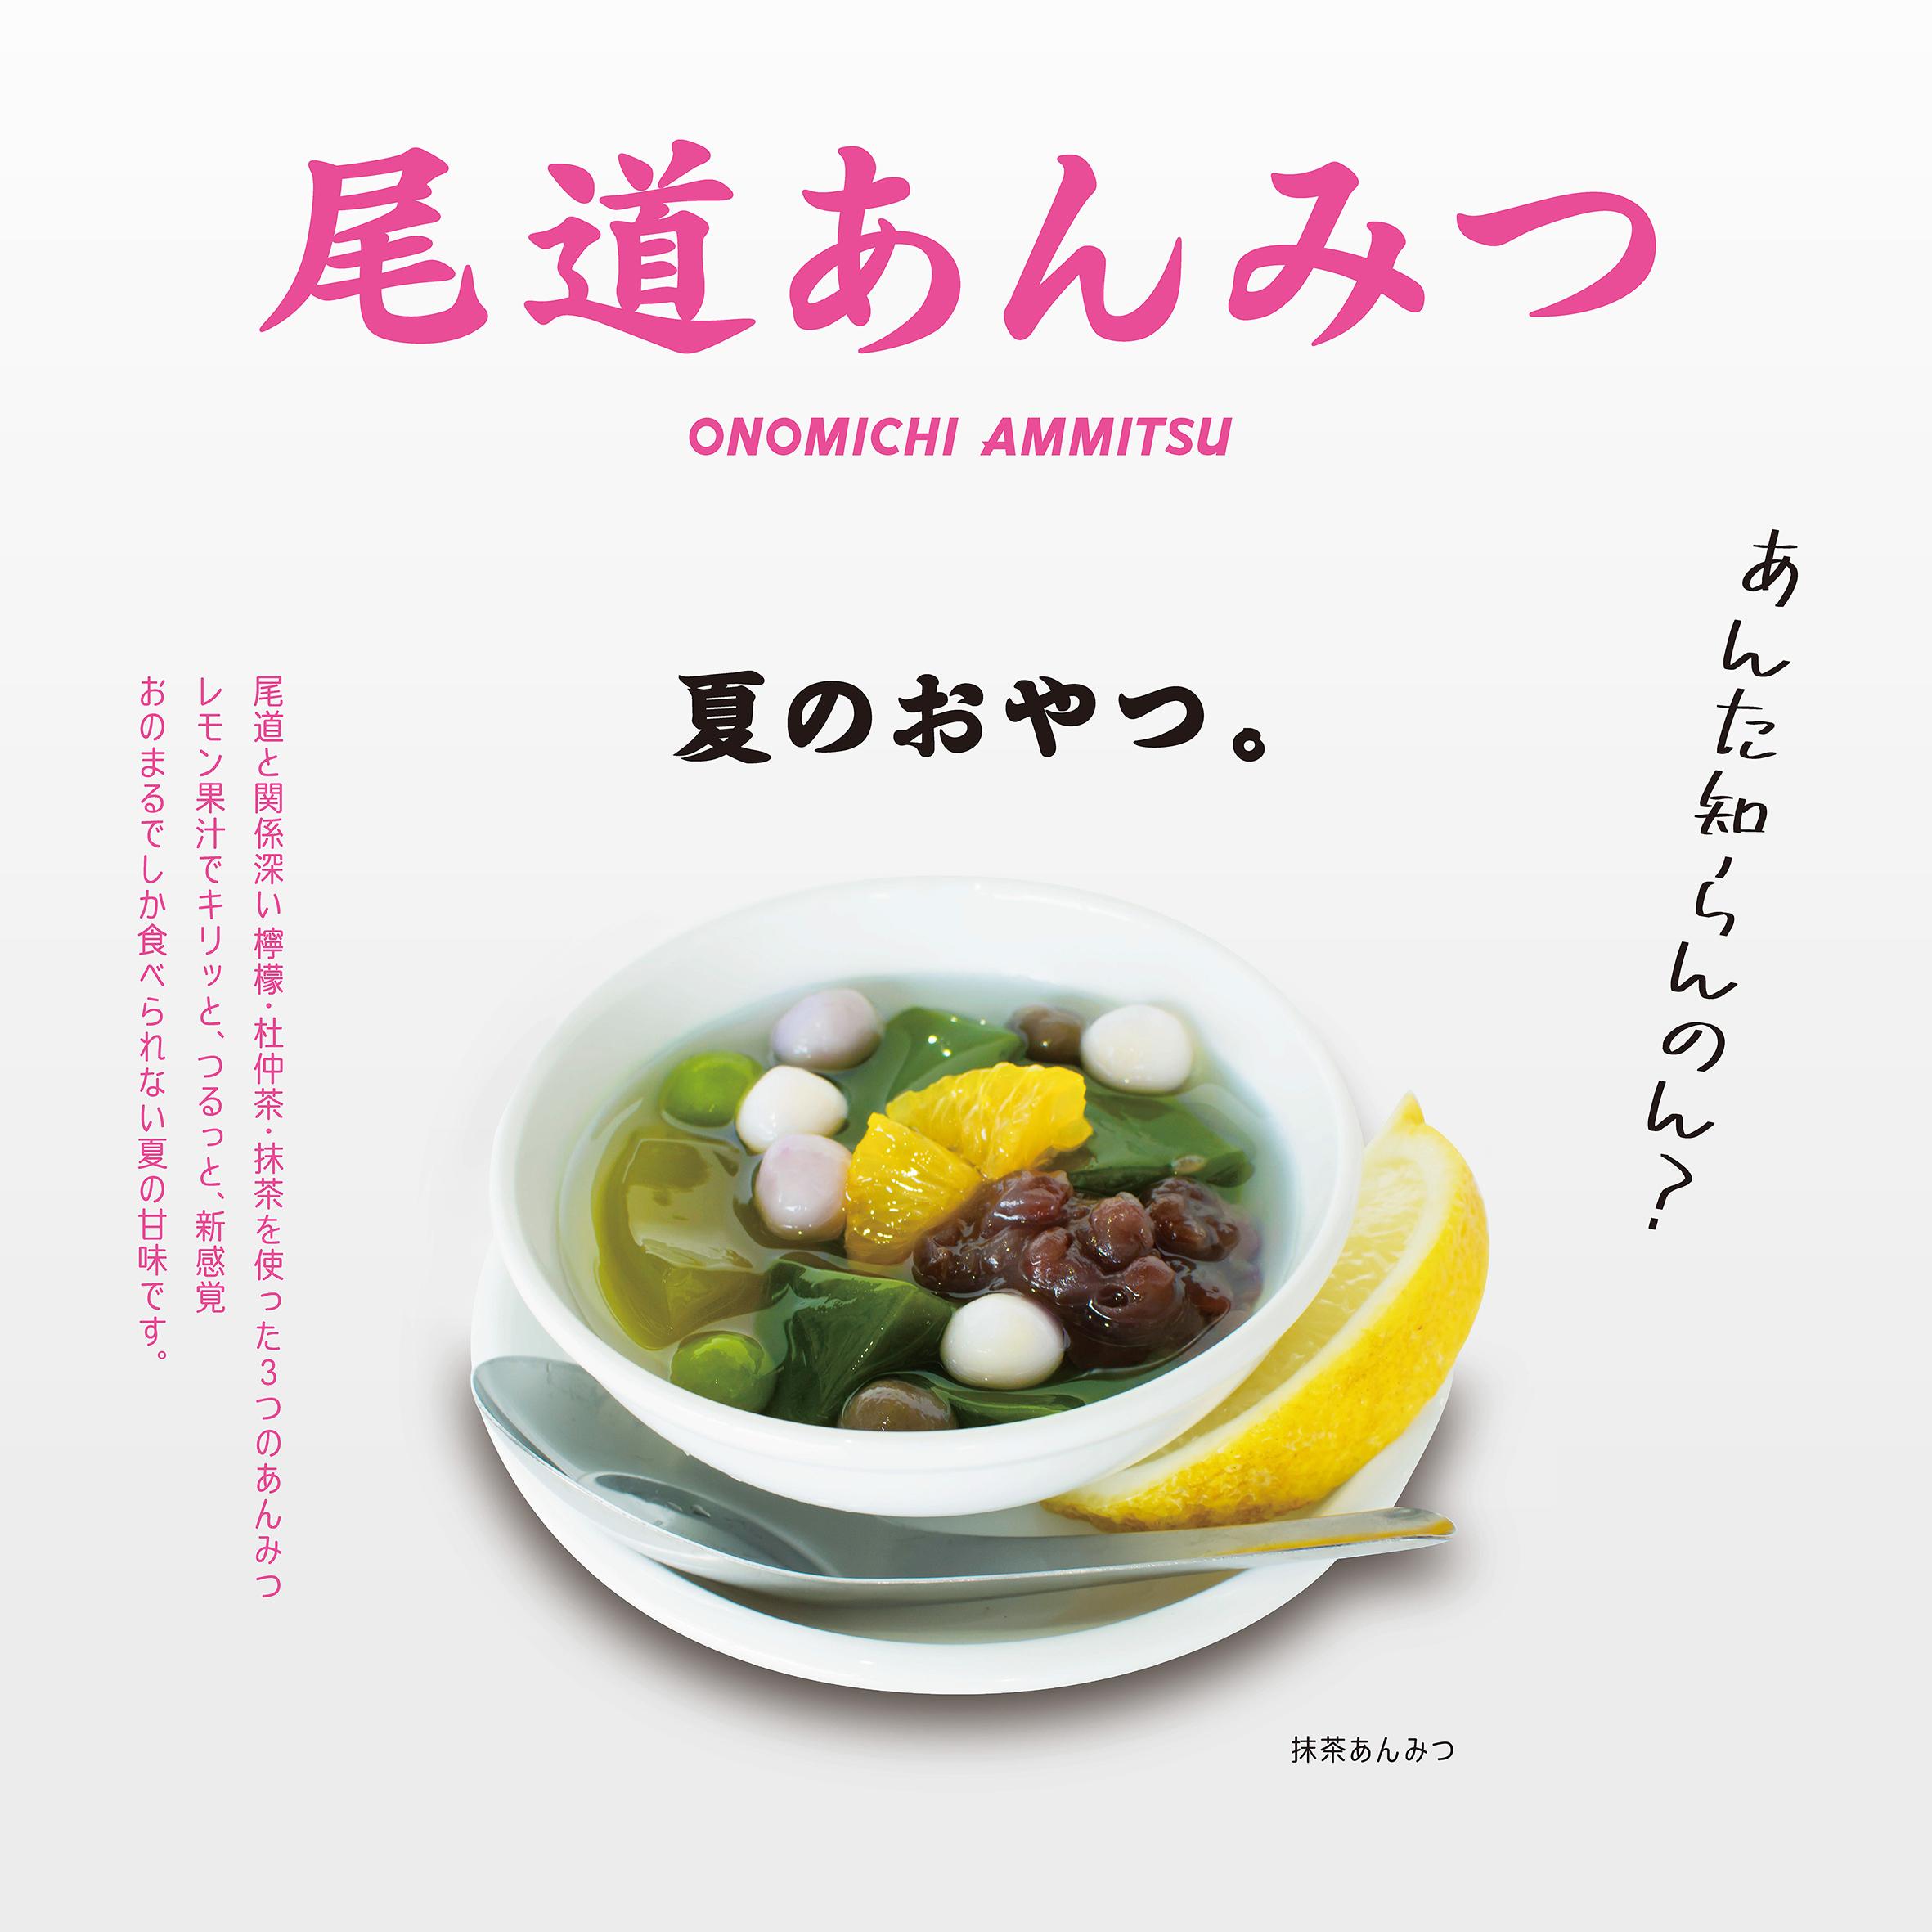 軽食・おみやげ・食料品・レンタサイクルがそろった「おのまる商店」夏のおやつ